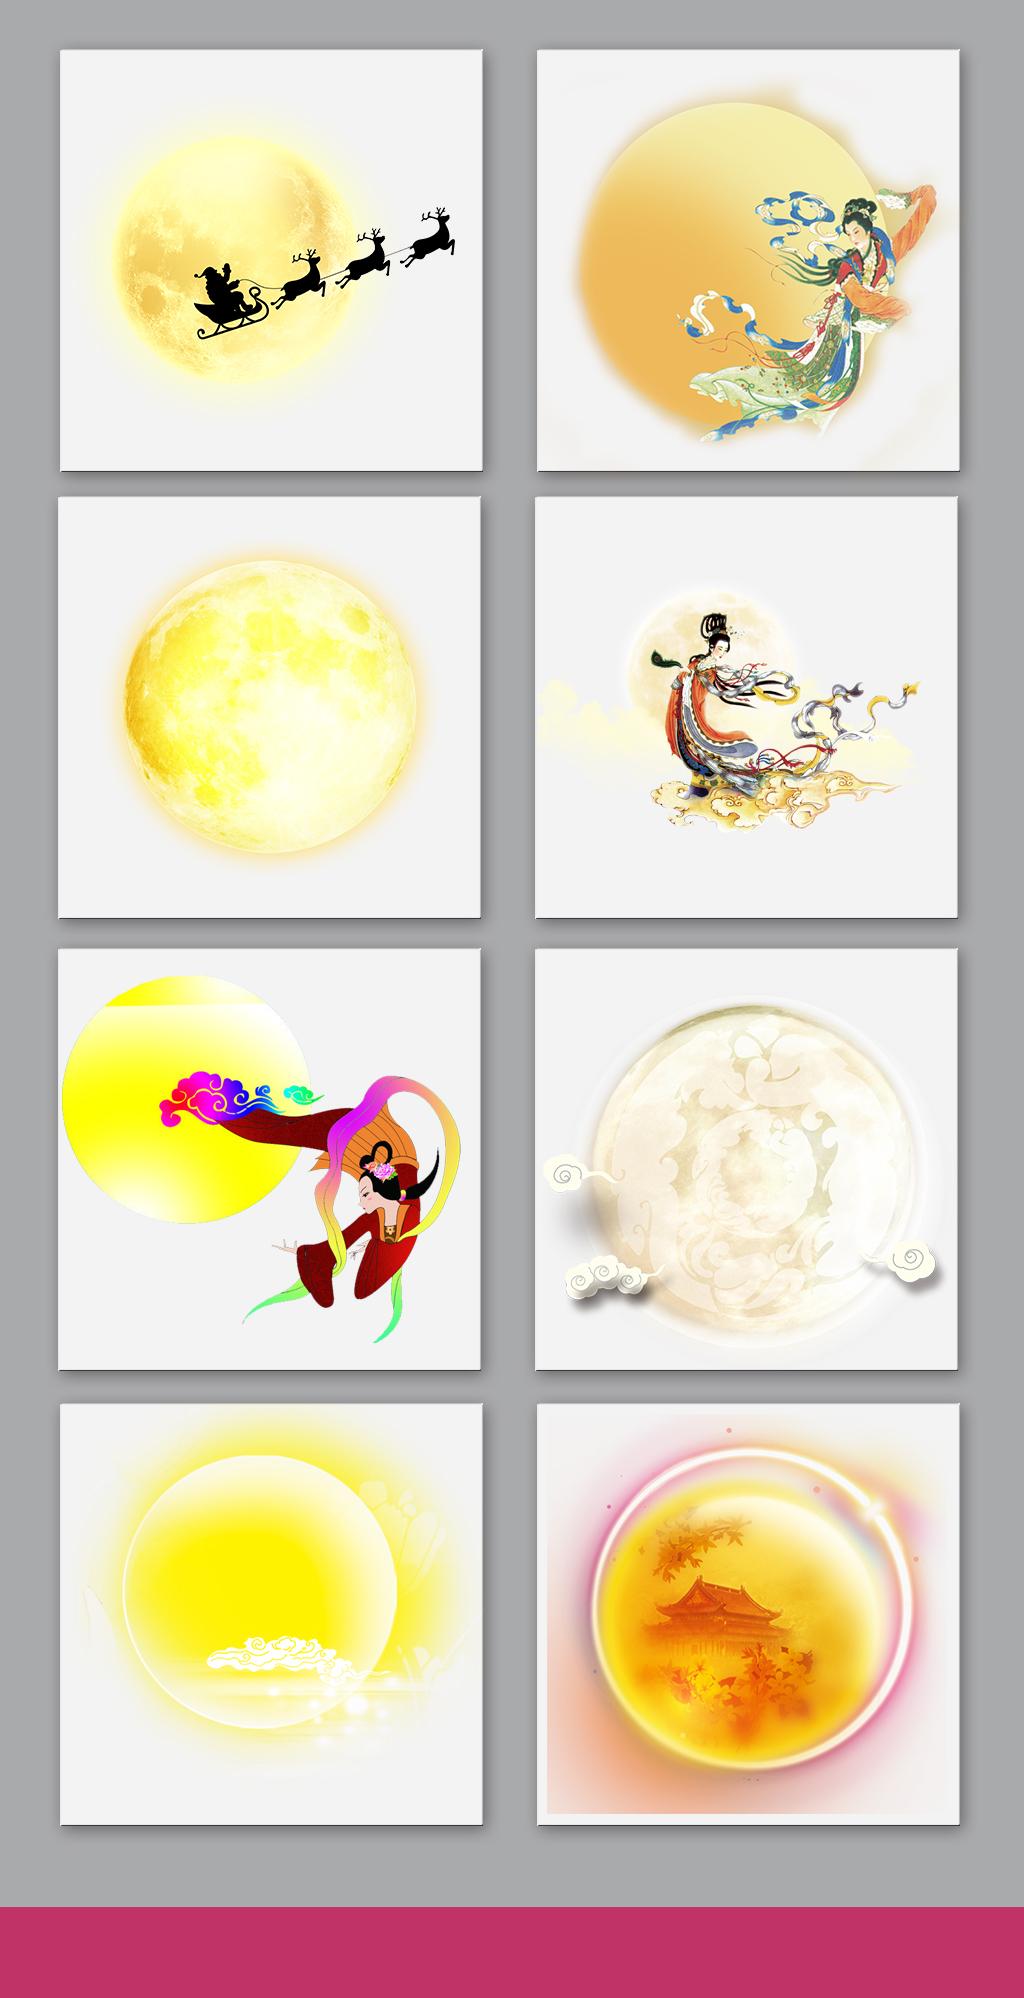 月亮祥云卡通图片